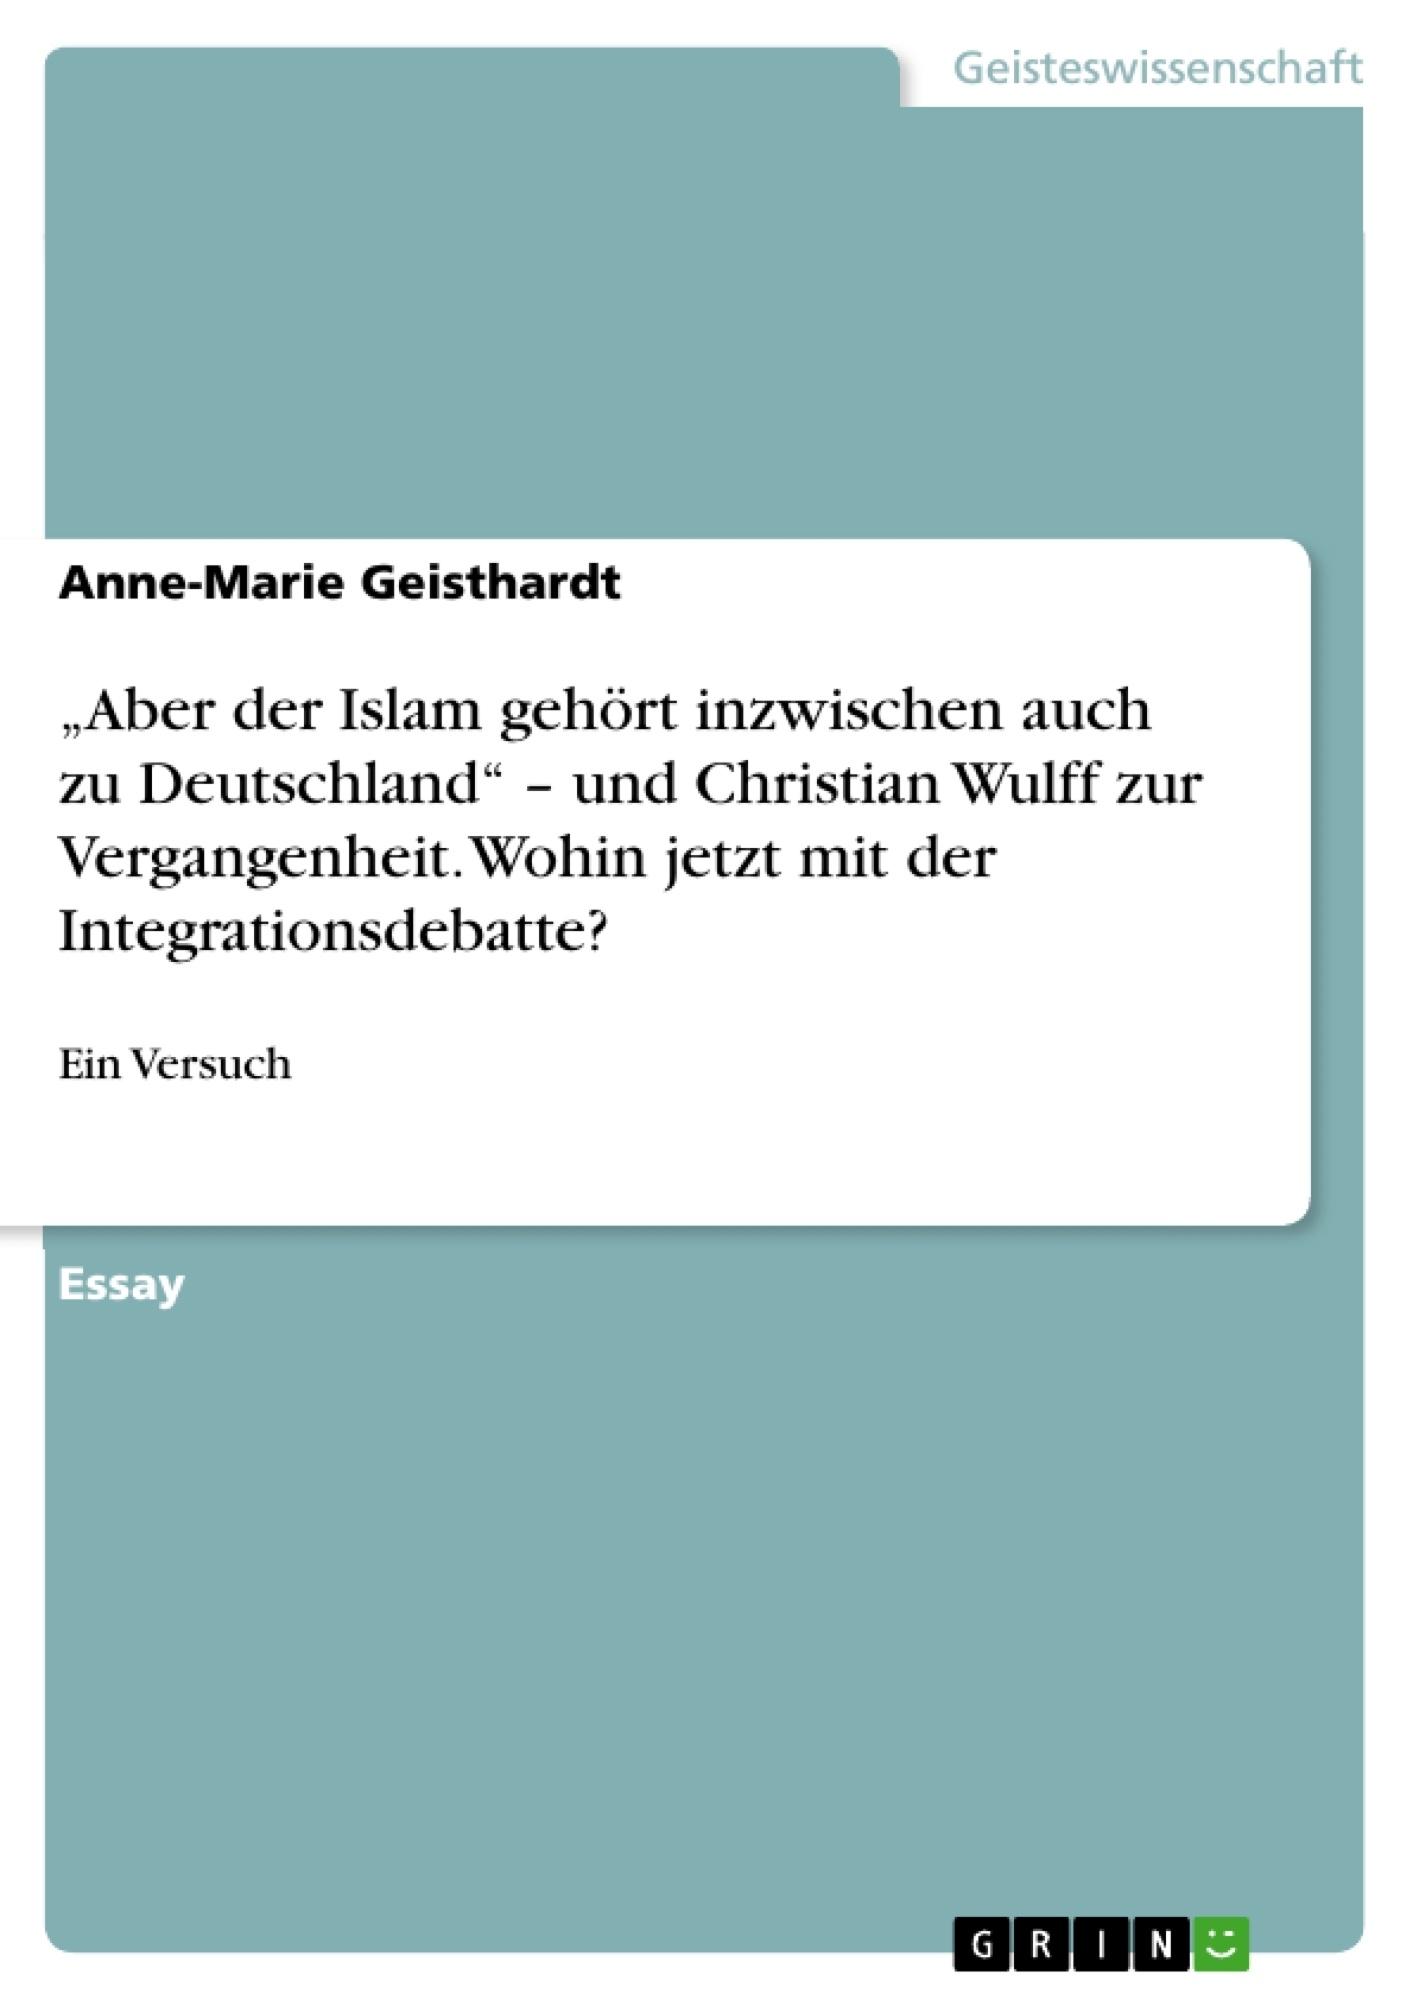 """Titel: """"Aber der Islam gehört inzwischen auch zu Deutschland"""" – und Christian Wulff zur Vergangenheit. Wohin jetzt mit der Integrationsdebatte?"""